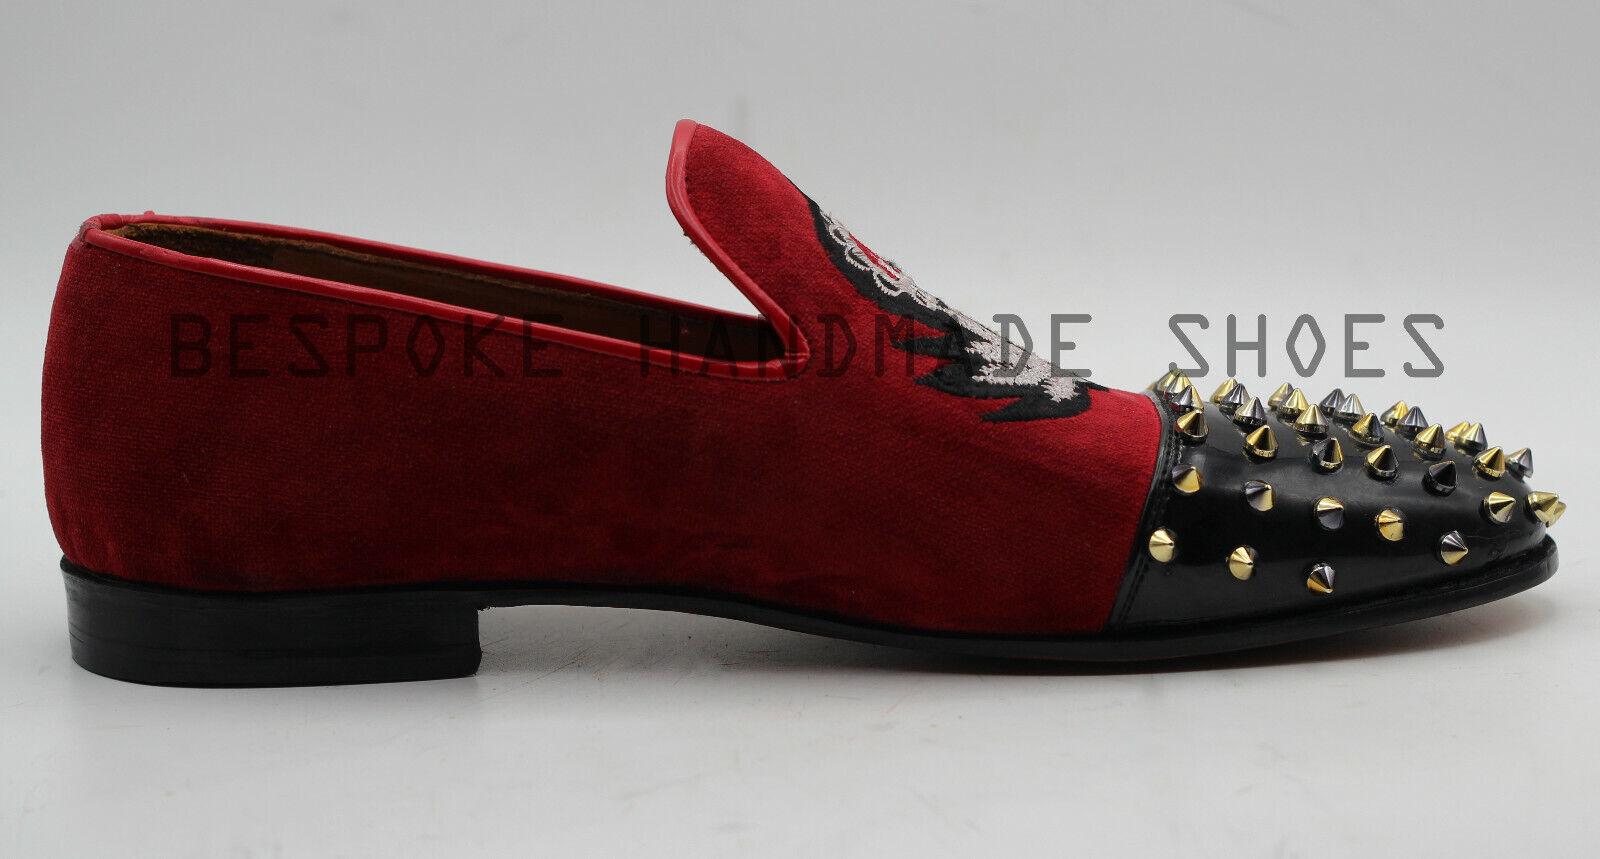 Handmade Men's Red Velvet & Black Patent Leather Spikes Embroidered Slip On shoes